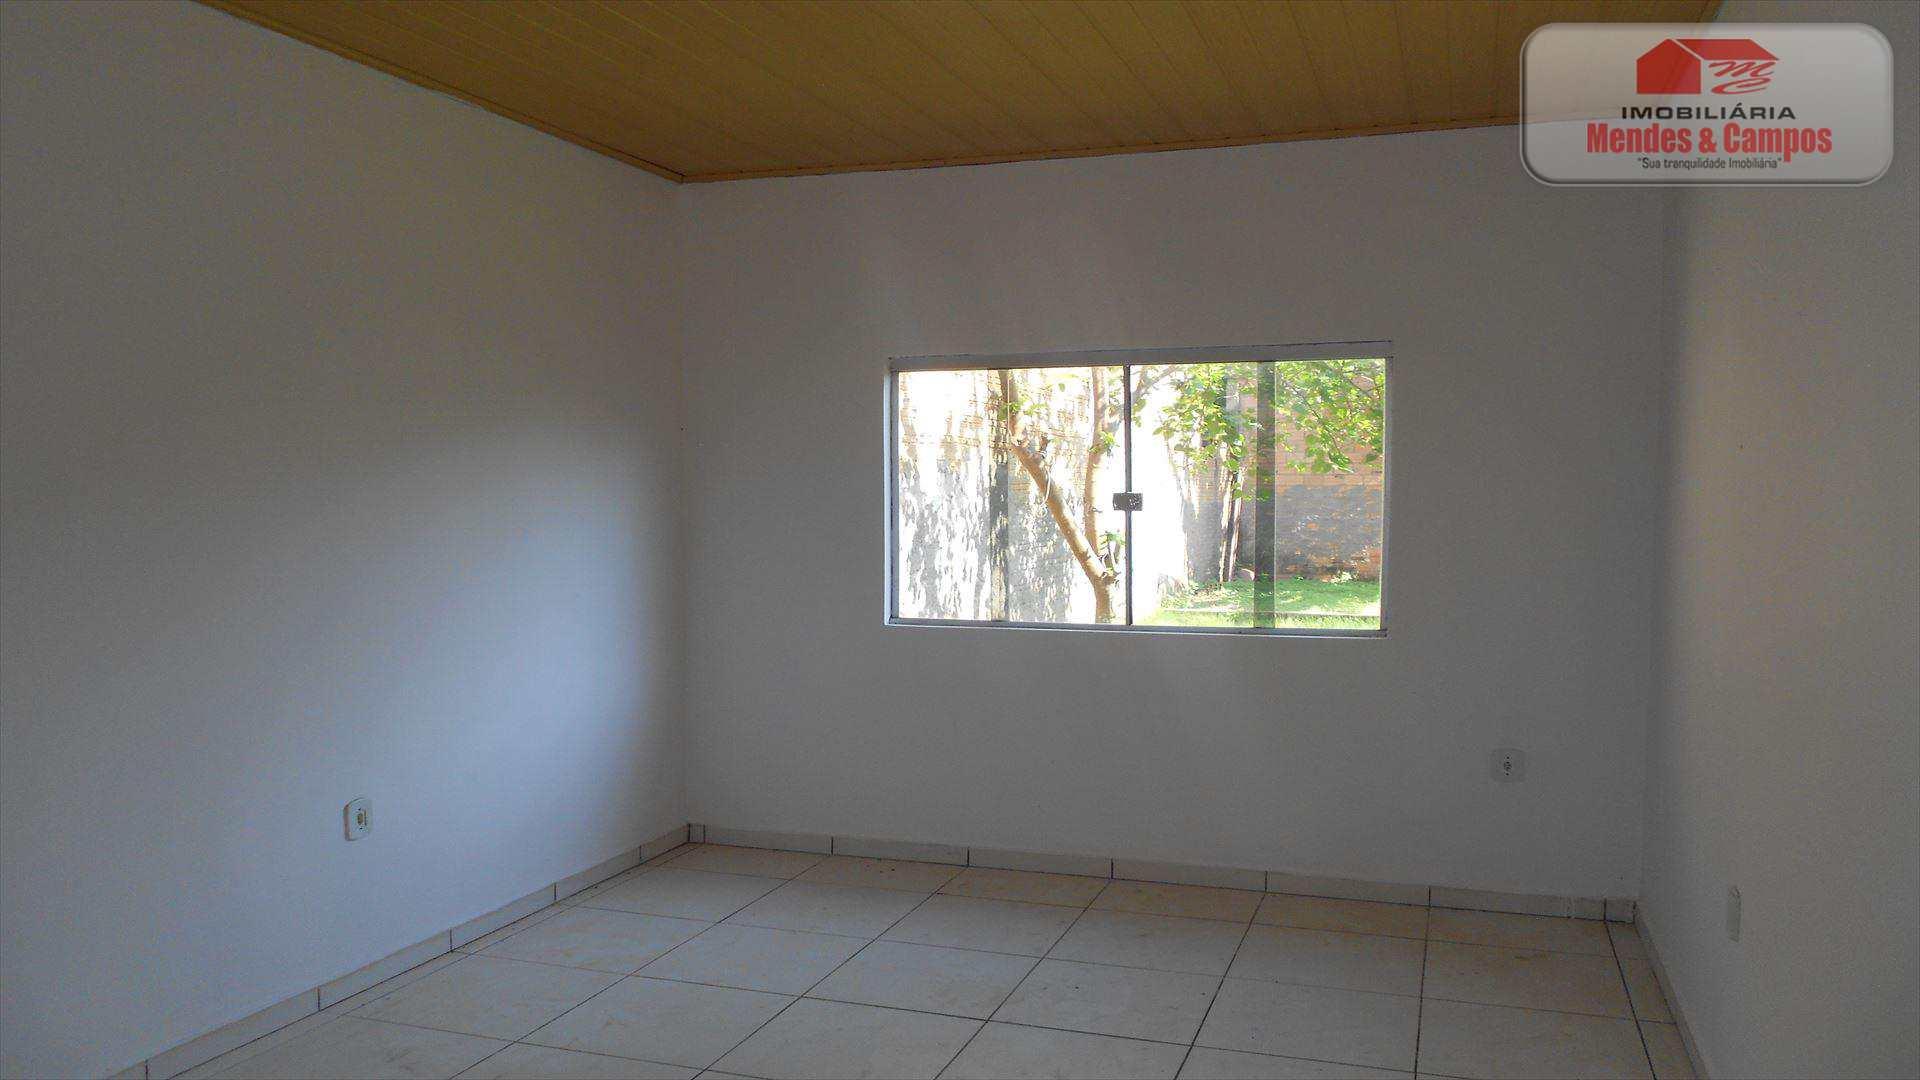 Casa com 2 dorms, Nova União 03, Ariquemes, Cod: 701